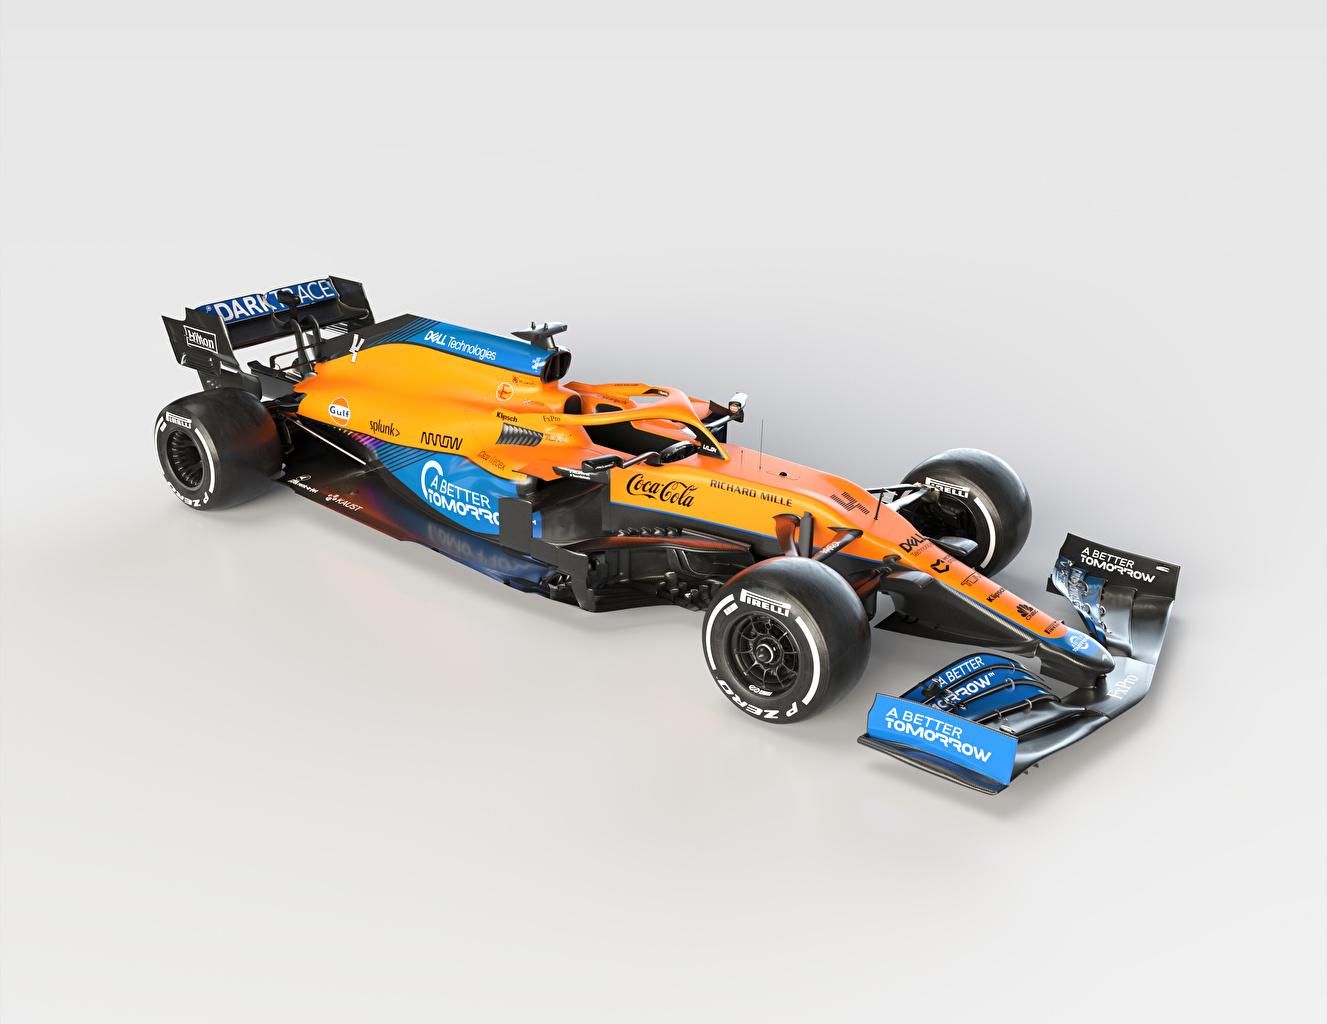 Картинка Тюнинг Макларен 2021 MCL35M Формула 1 авто Серый фон McLaren Стайлинг машина машины Автомобили автомобиль сером фоне